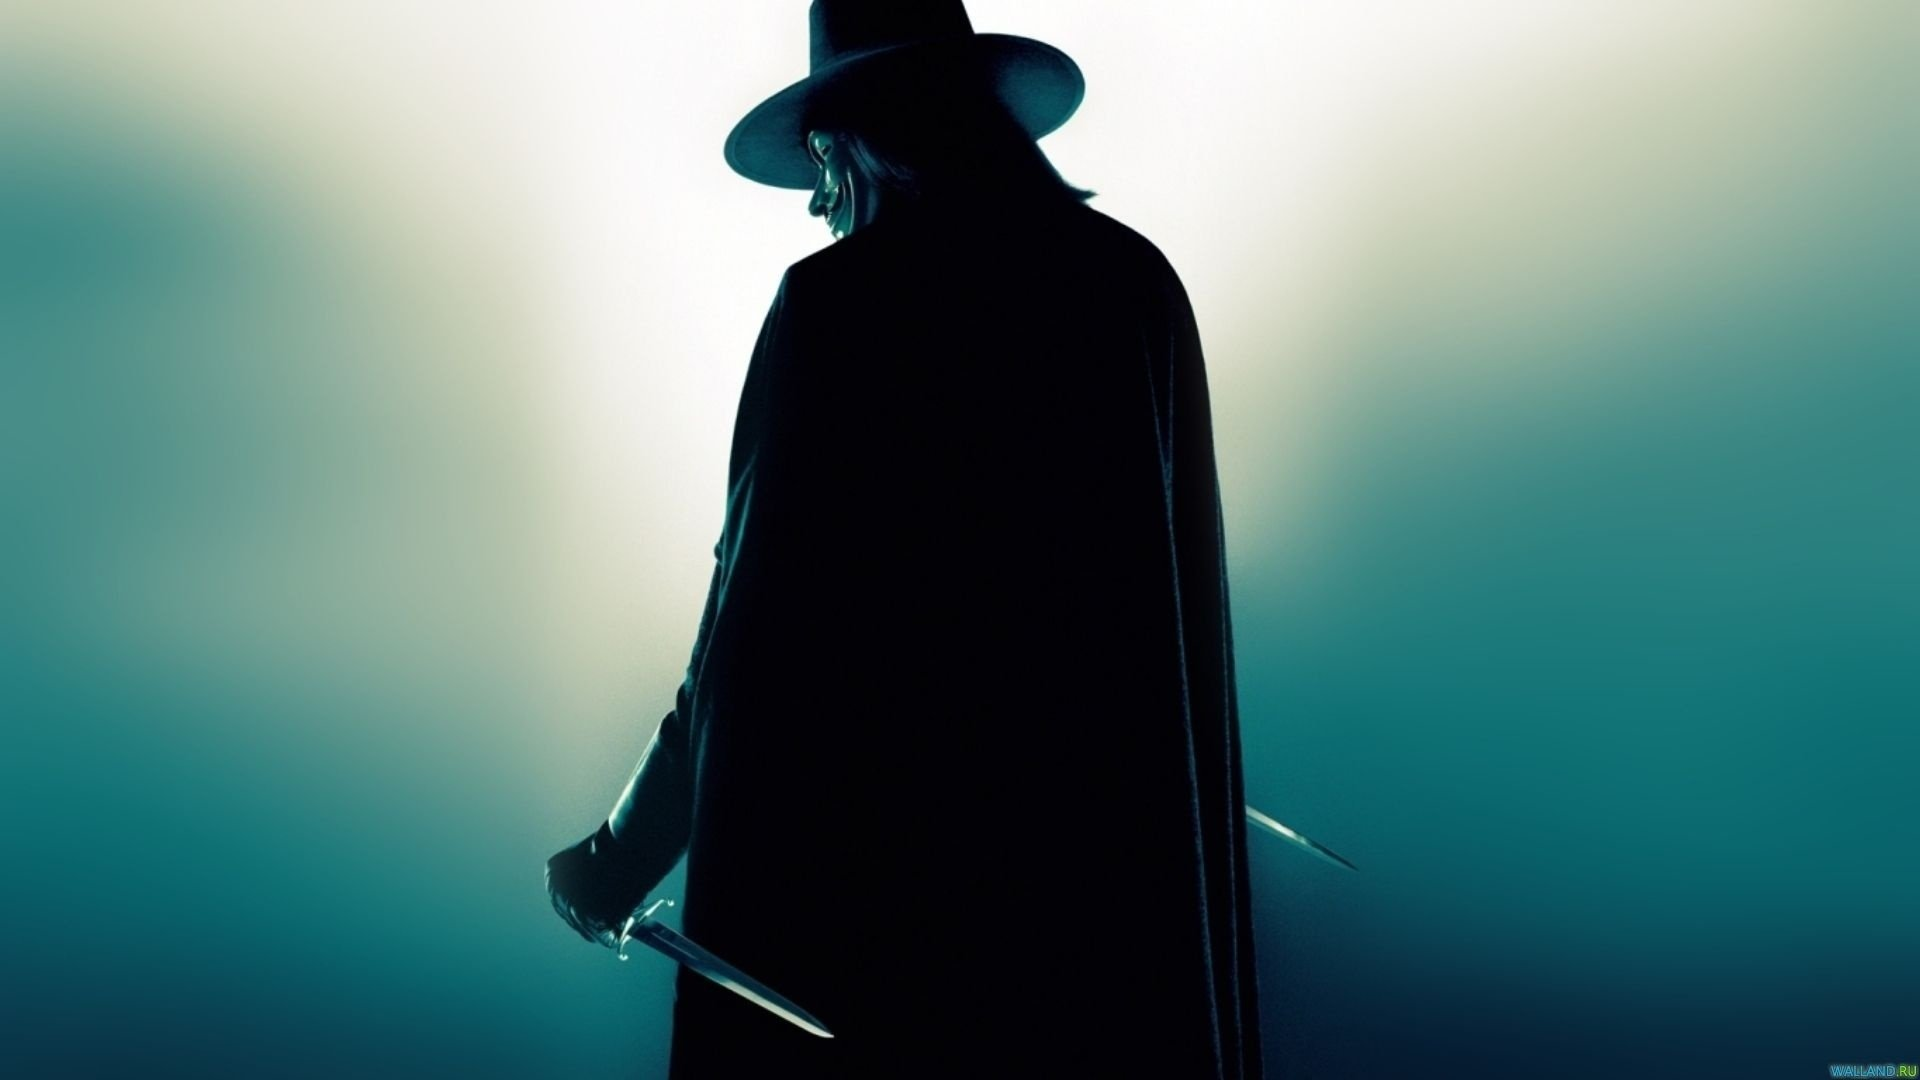 V For Vendetta Full HD...V For Vendetta Movie Wallpaper